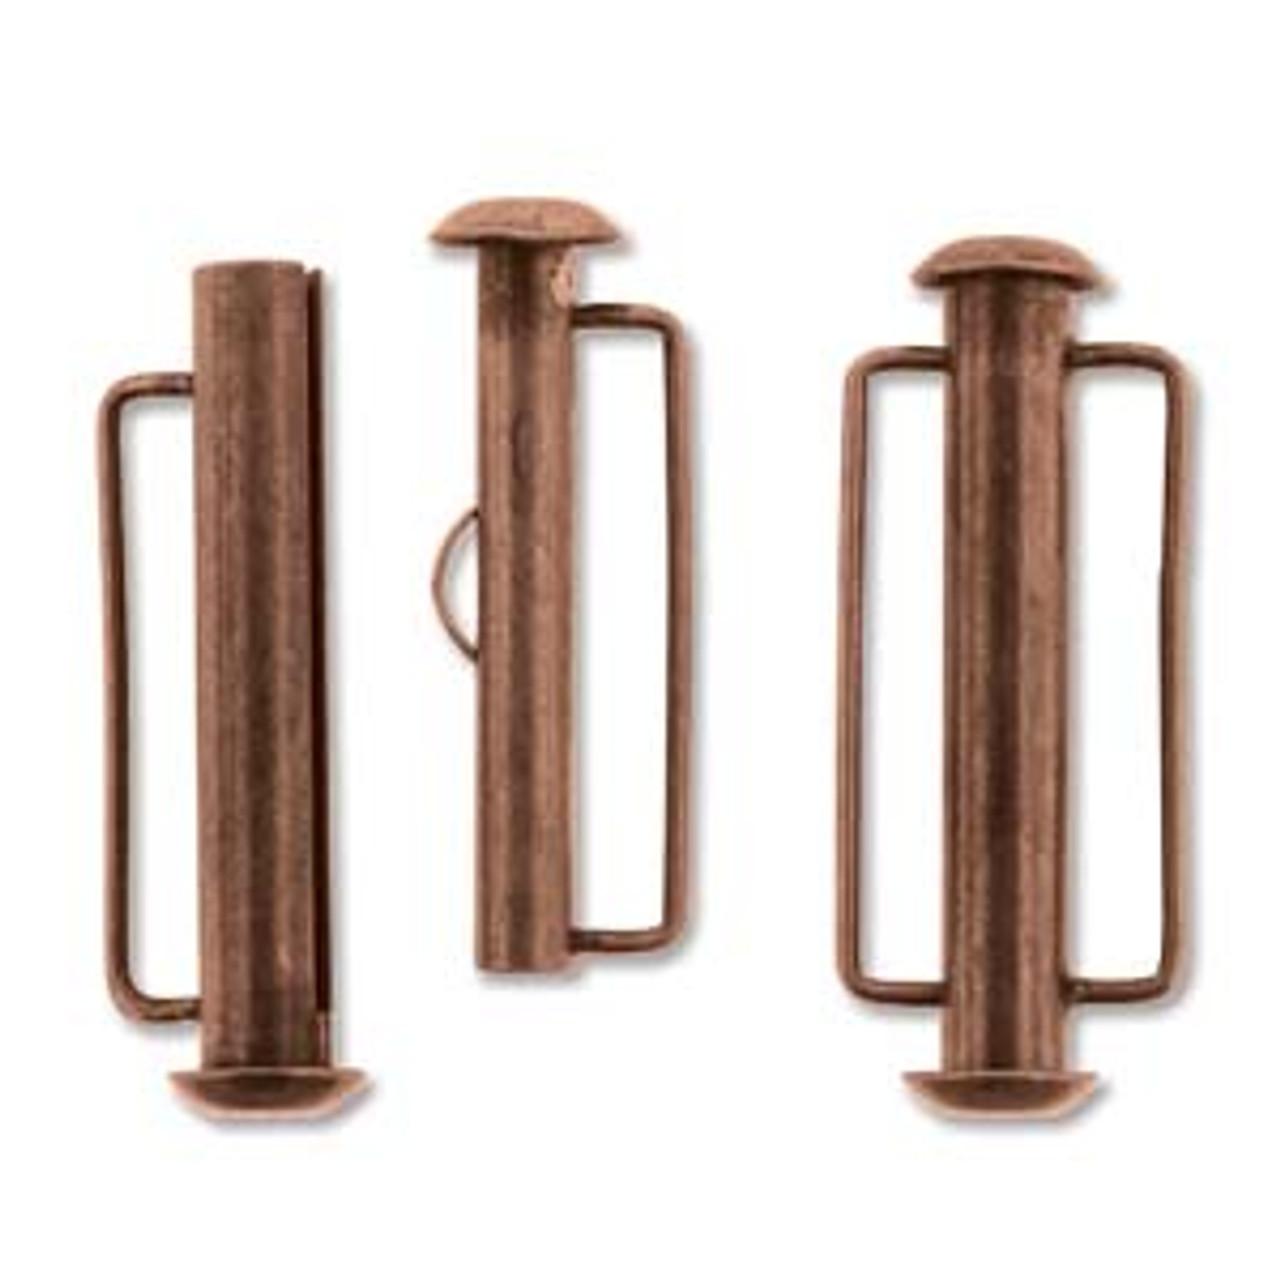 26.5mm Antique Copper Slide Bar Clasp (1 Piece)